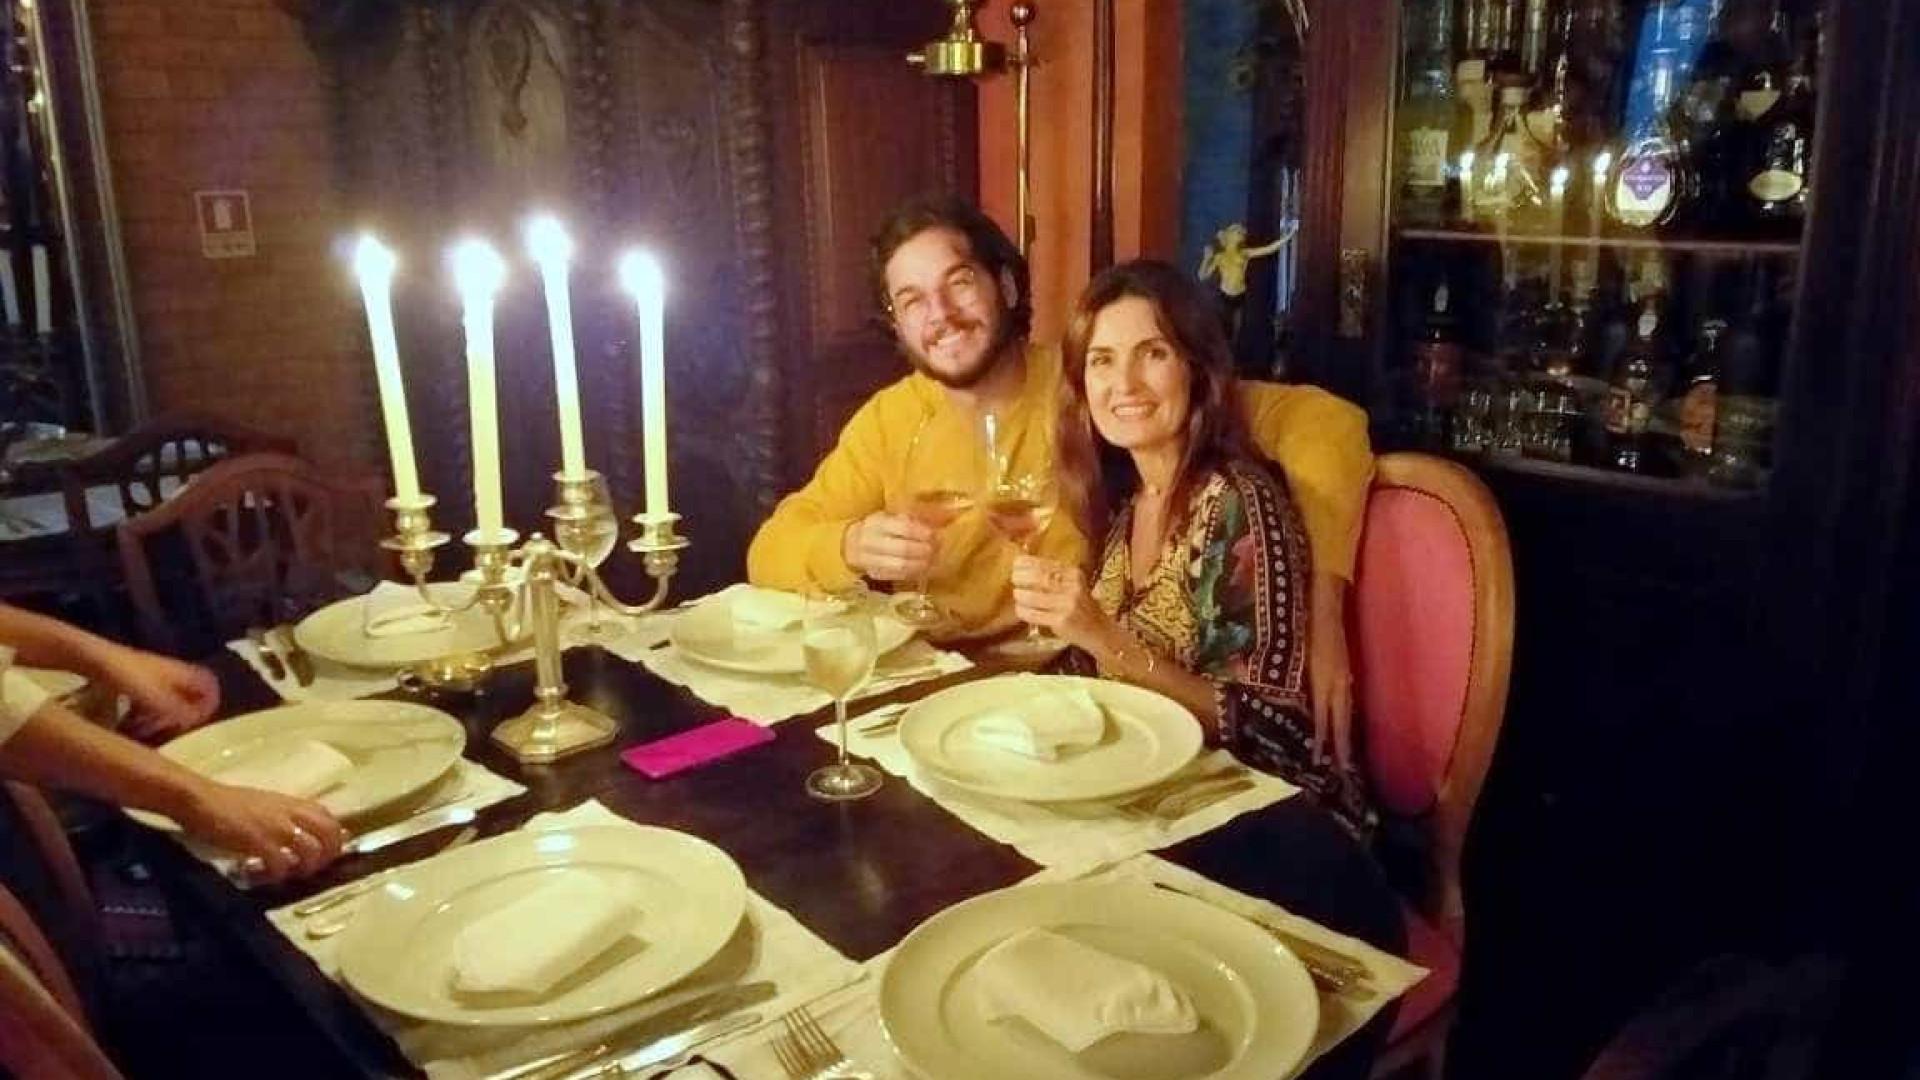 Fátima Bernardes e Túlio Gadelha curtem jantar à luz de velas em GO